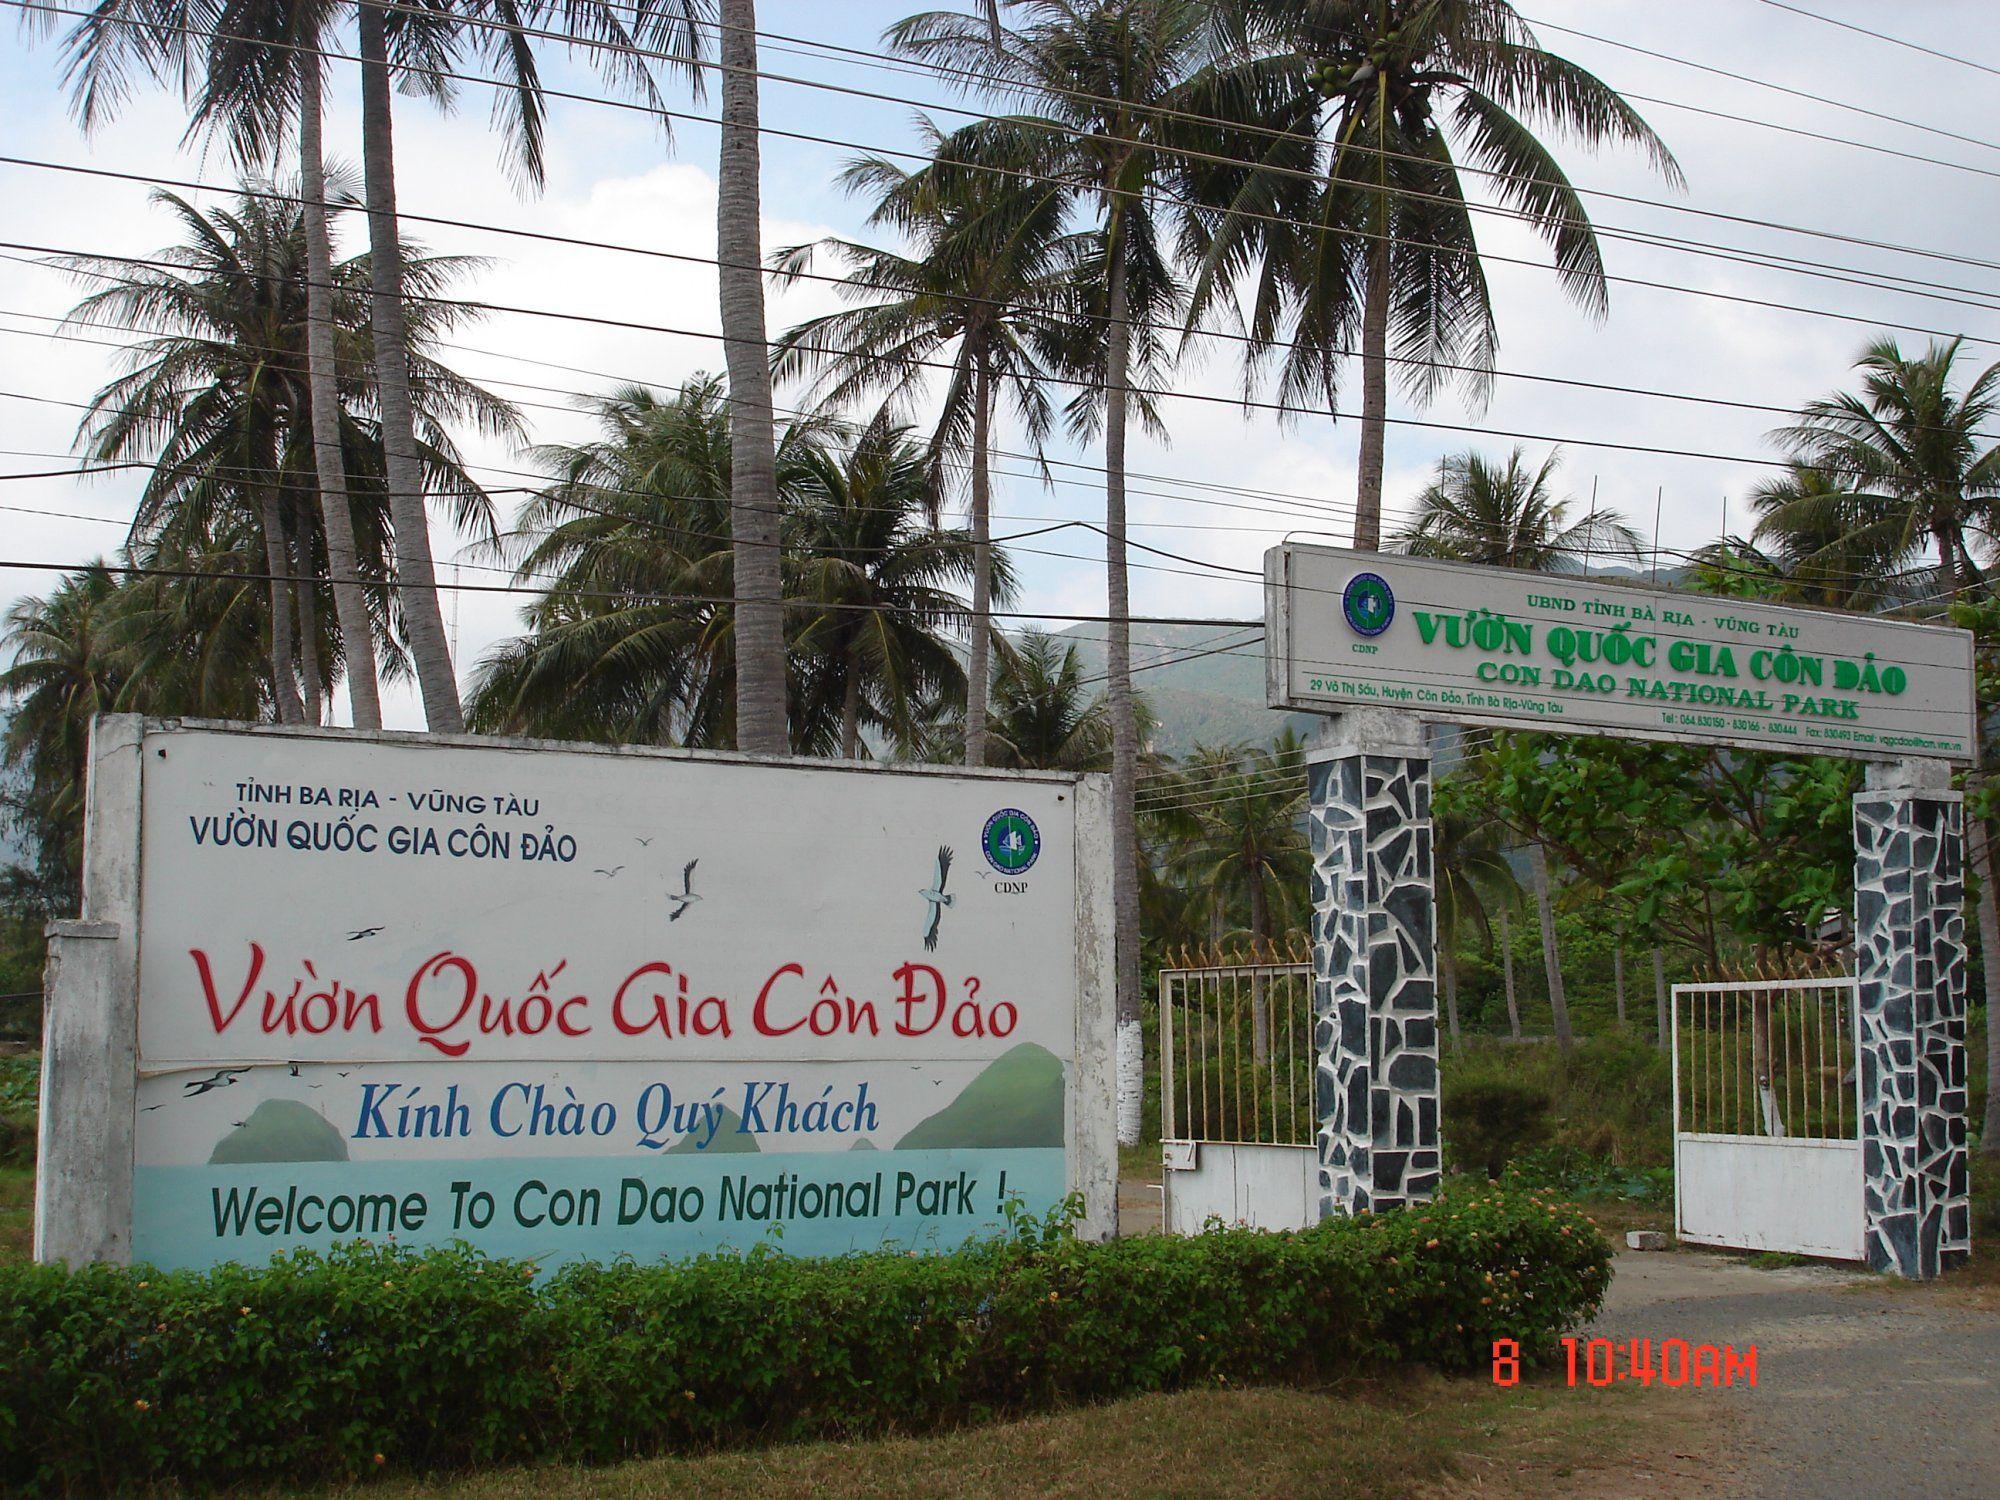 Cổng chào vườn quốc gia Côn Đảo